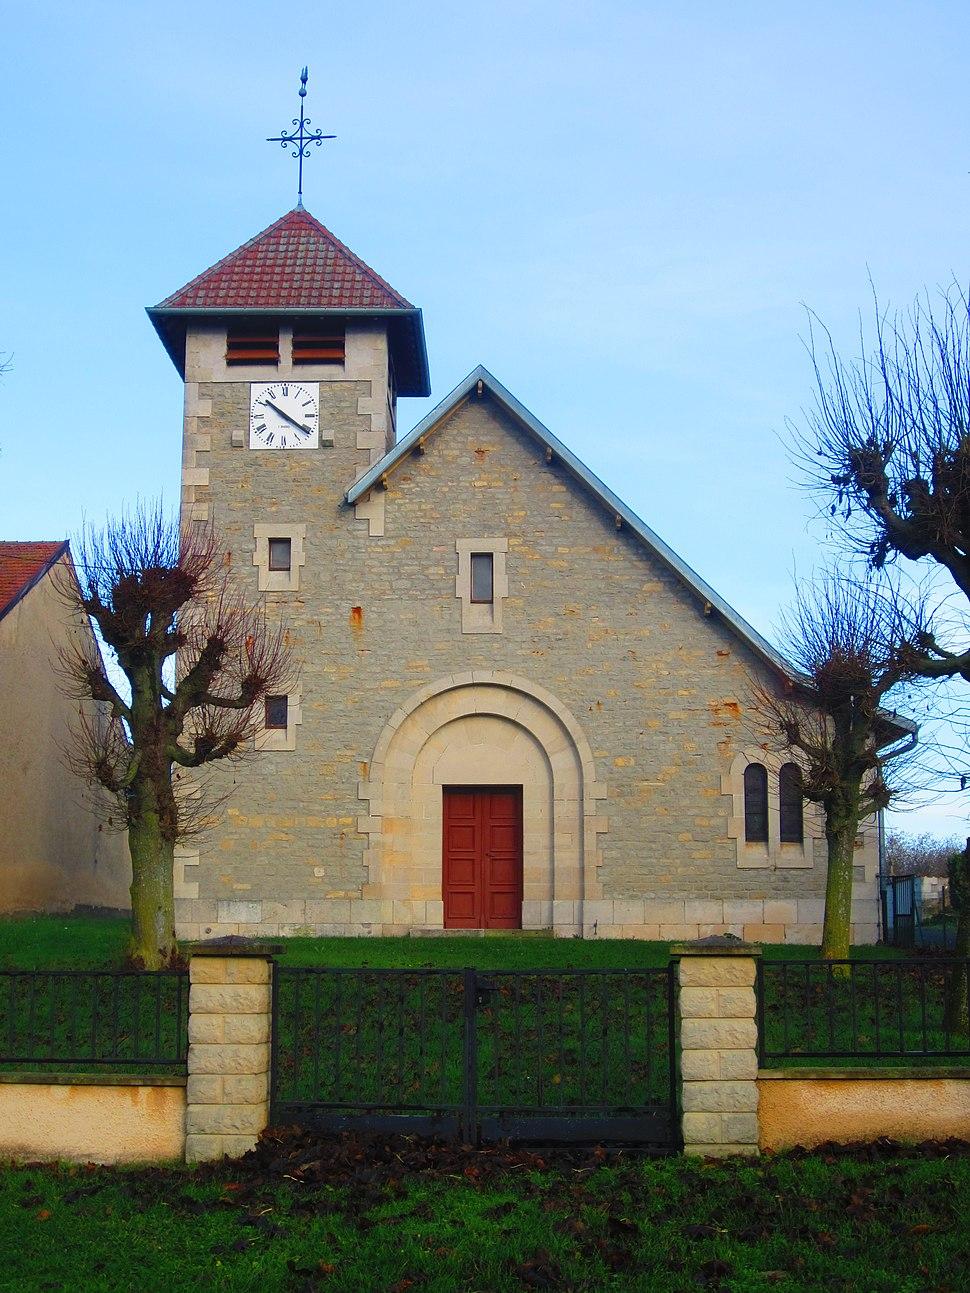 Hennemont church